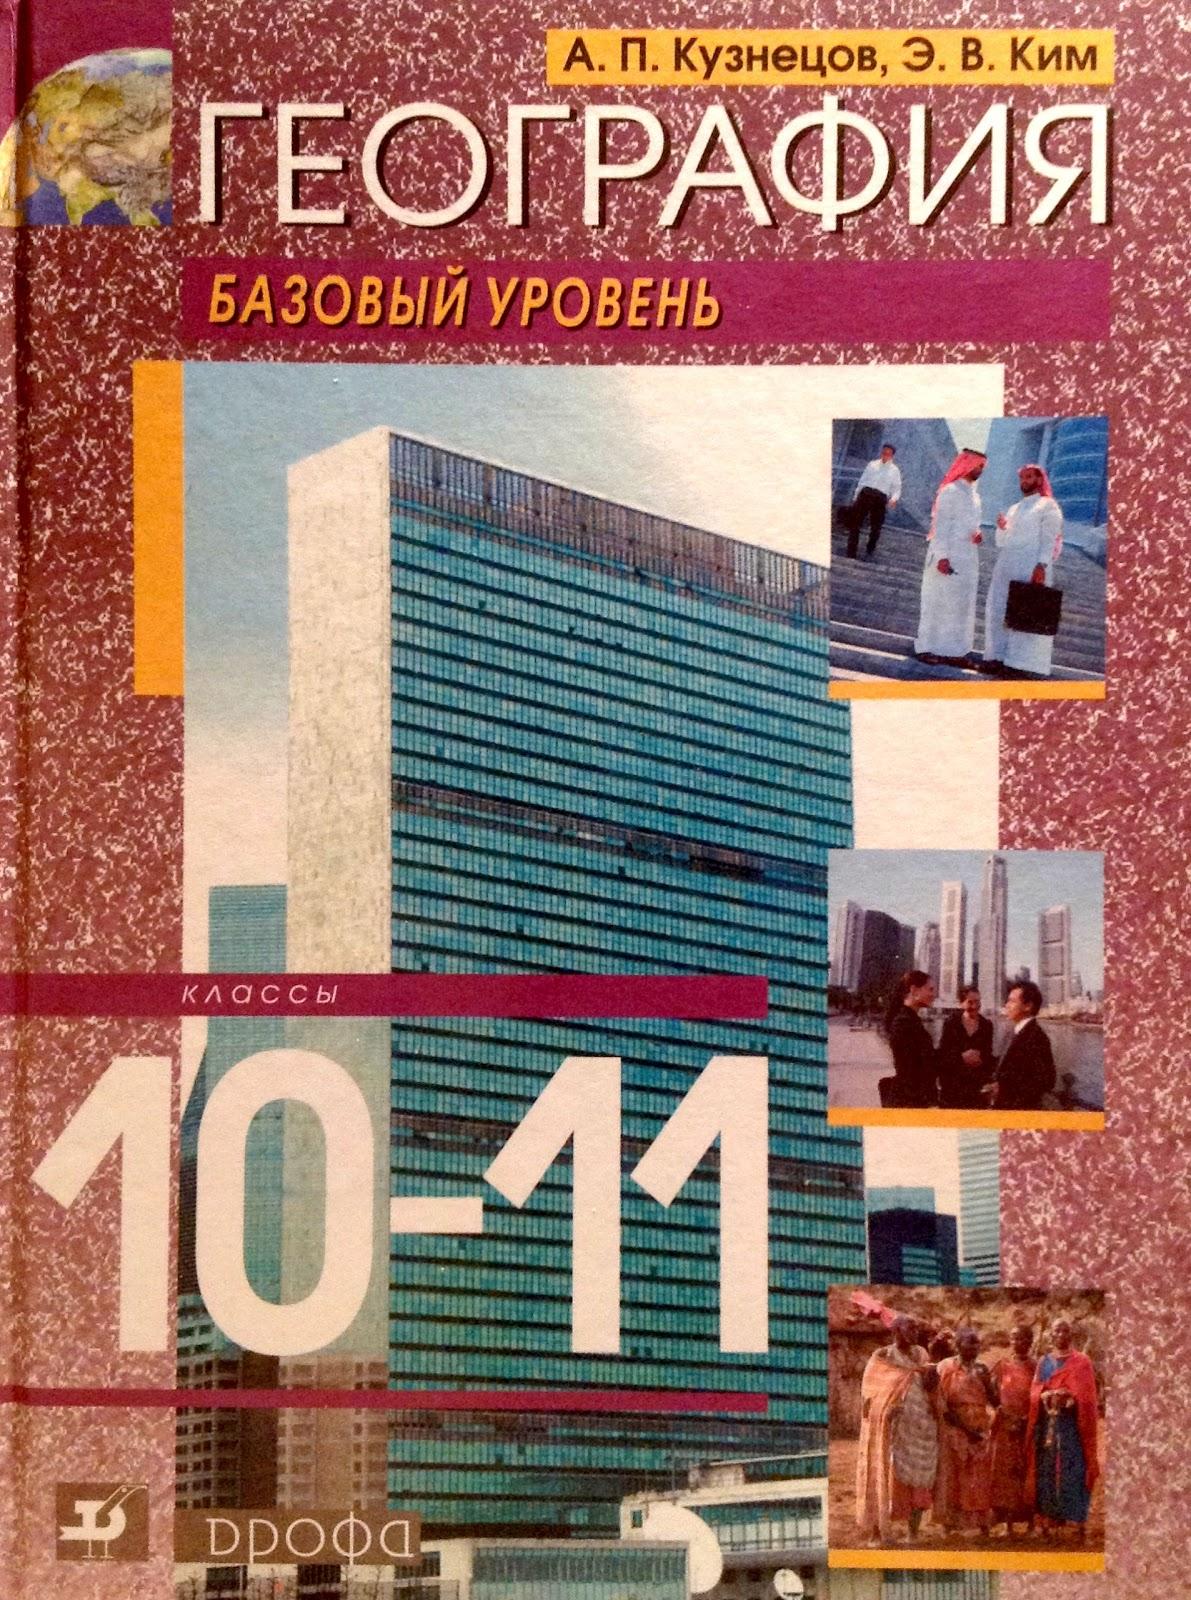 Электронные учебники 9 класс pdf украина